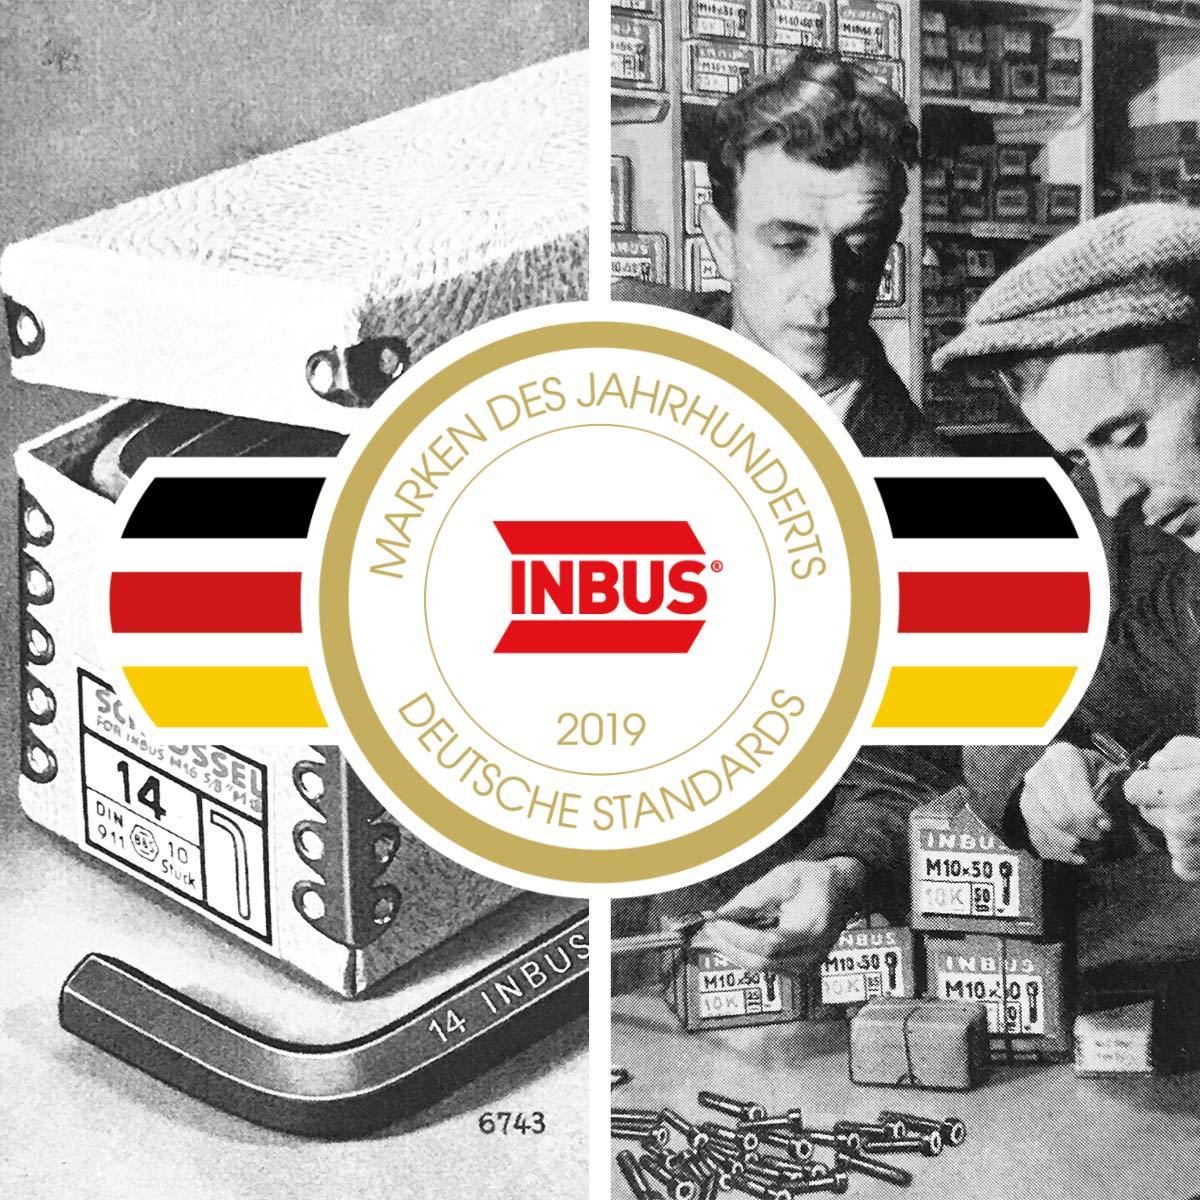 INBUS/® 76886 Inbusschl/üssel Set T-Griff mit HybridTouch 6tlg 2.5-8mm I Made in Germany